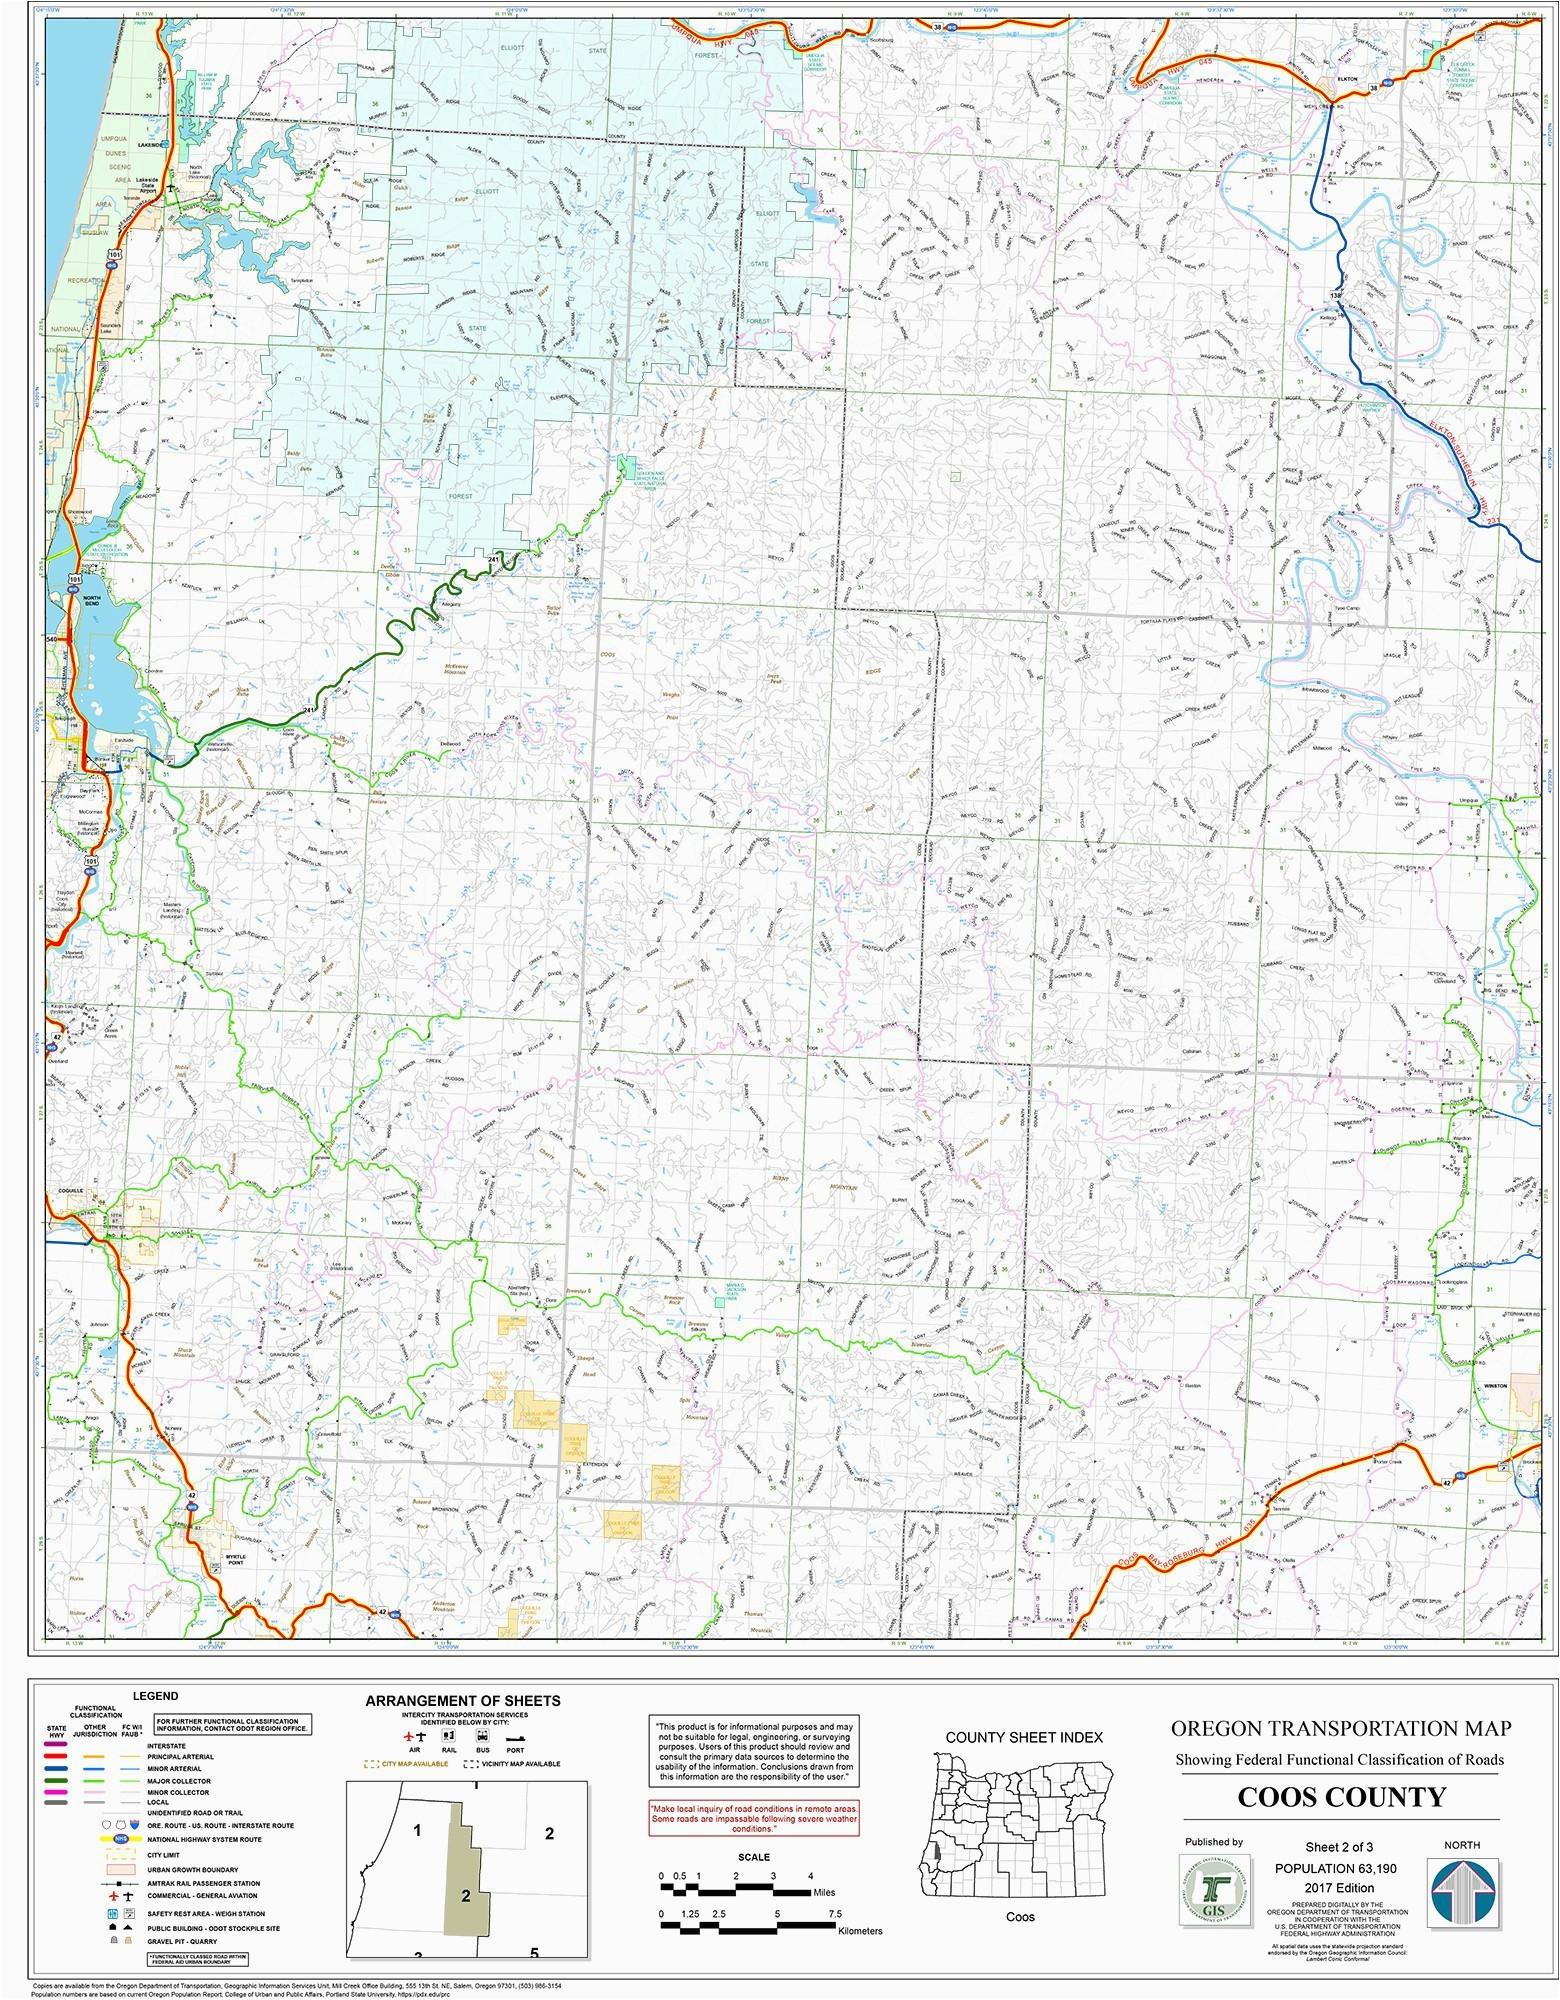 baltimore maryland on us map usa interstate70 map elegant google